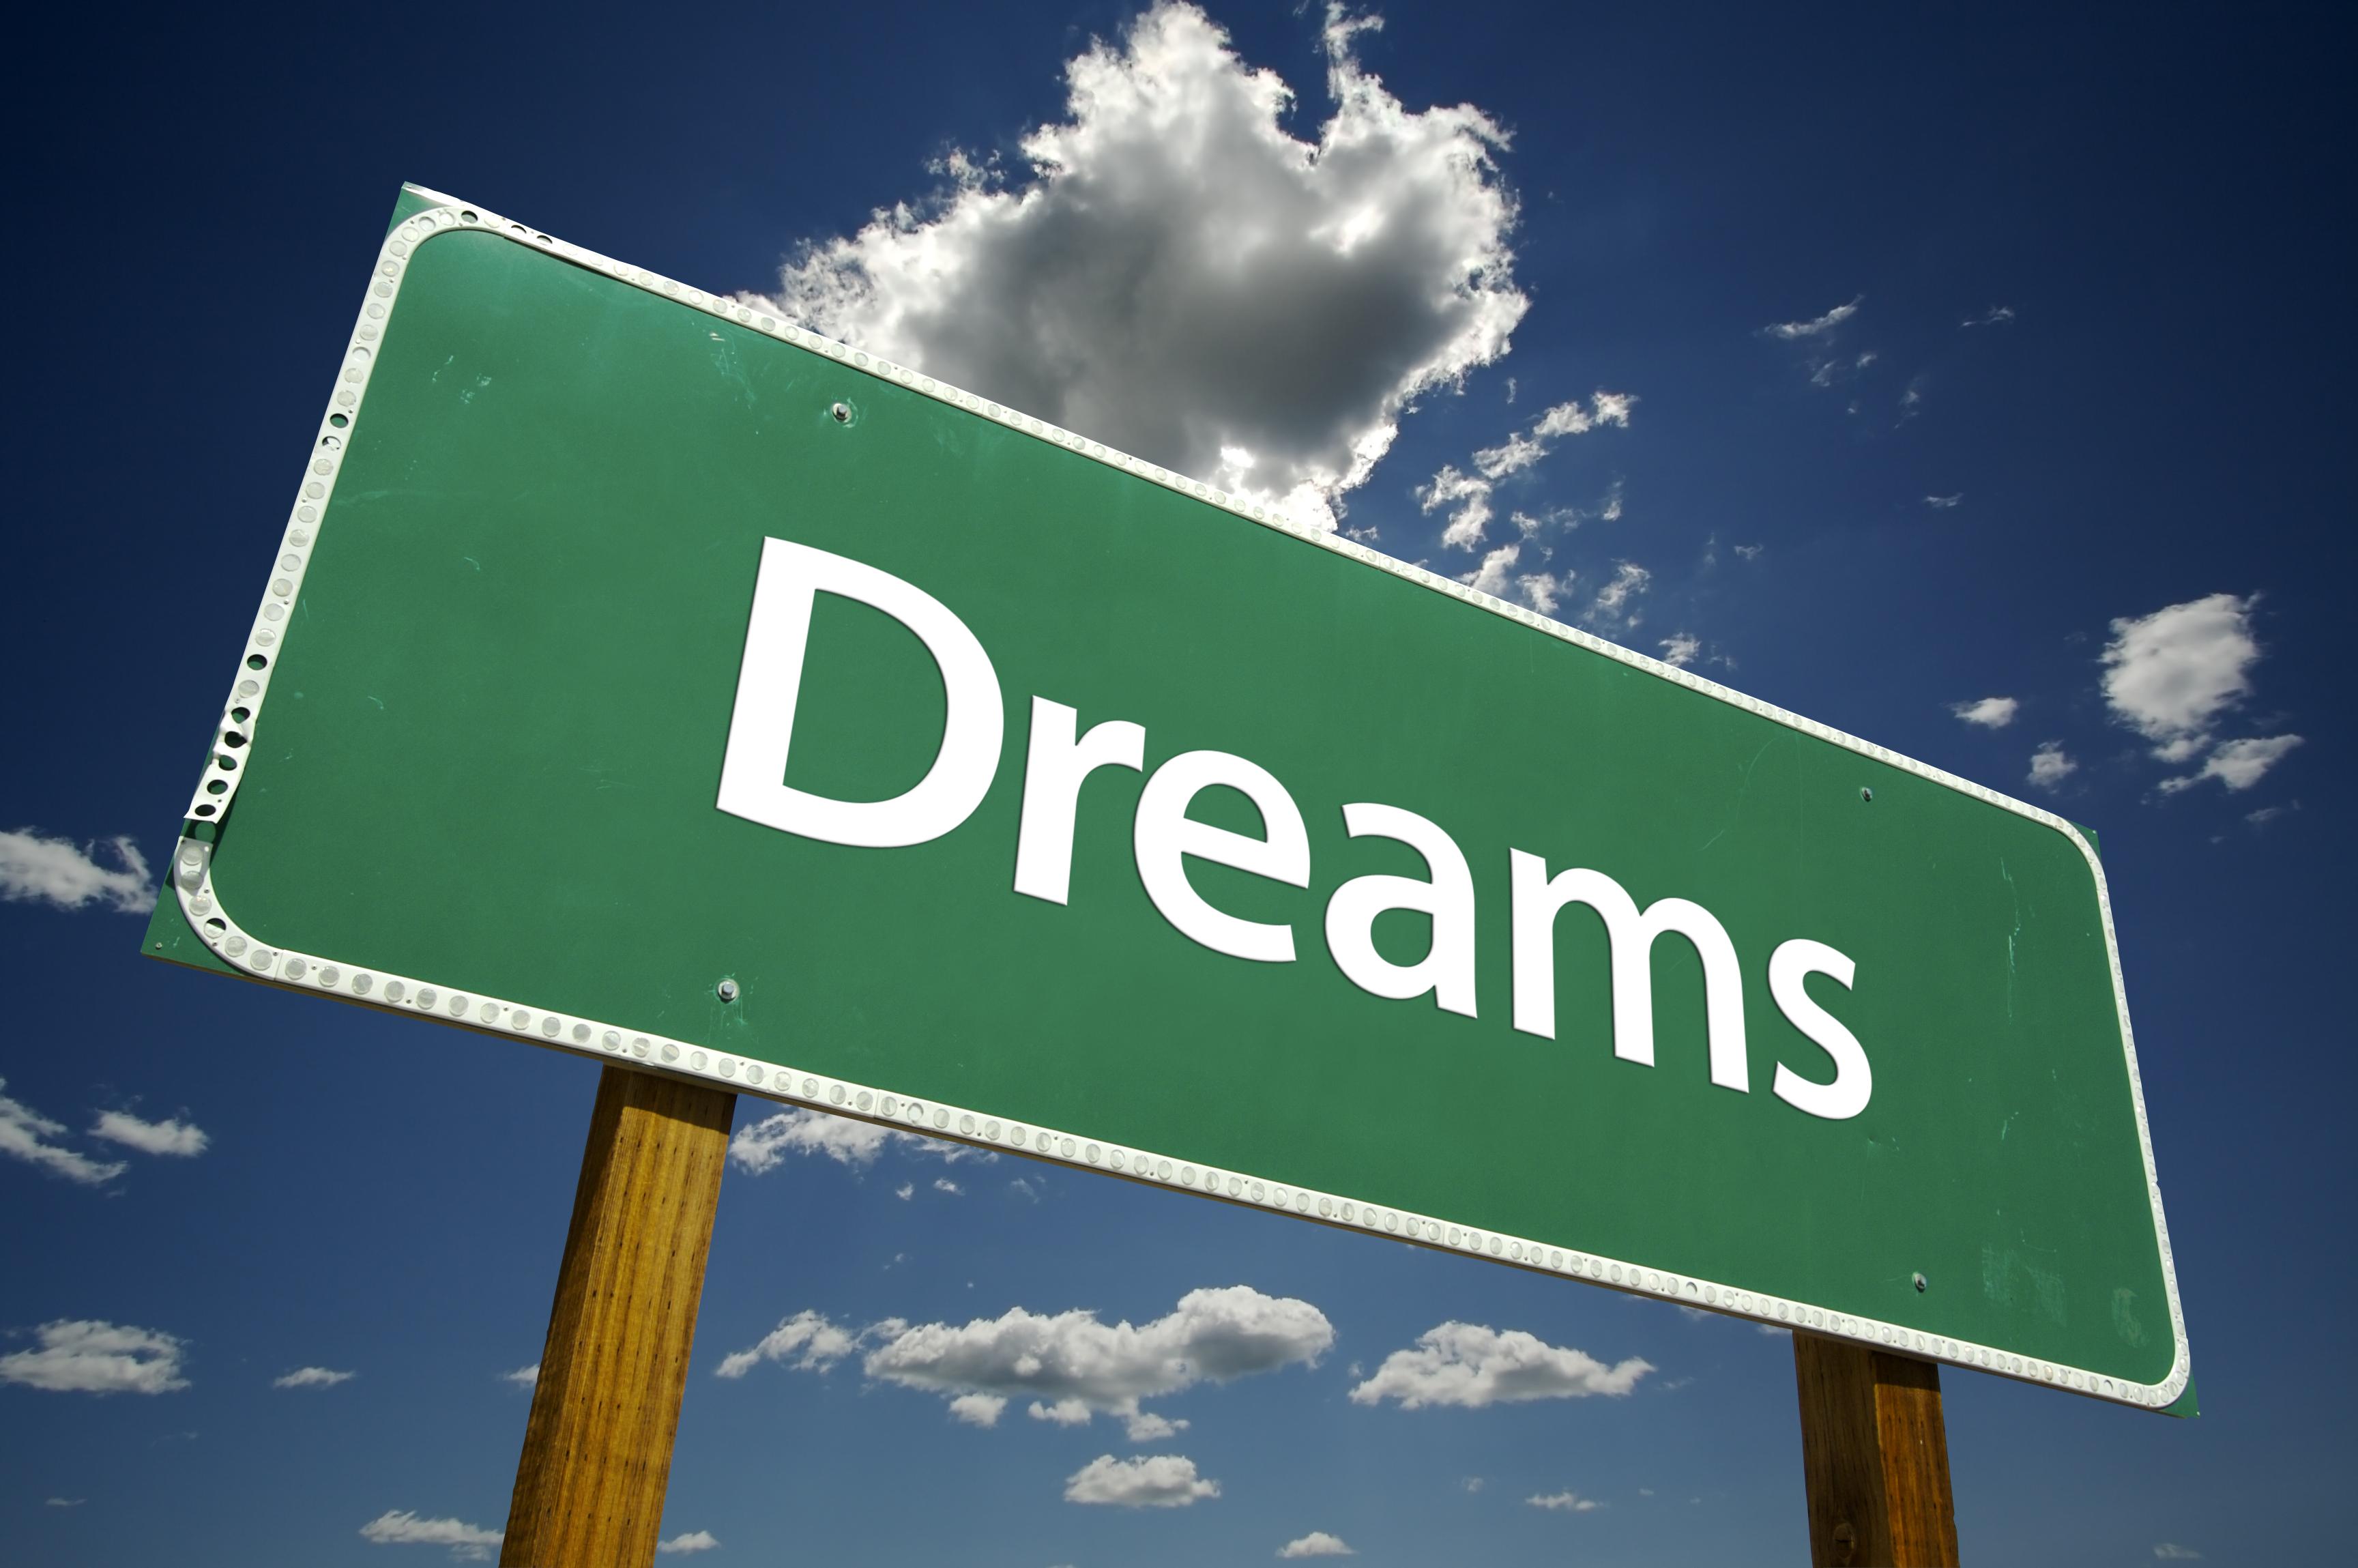 Ga voor jouw droom, een ander kan dat niet